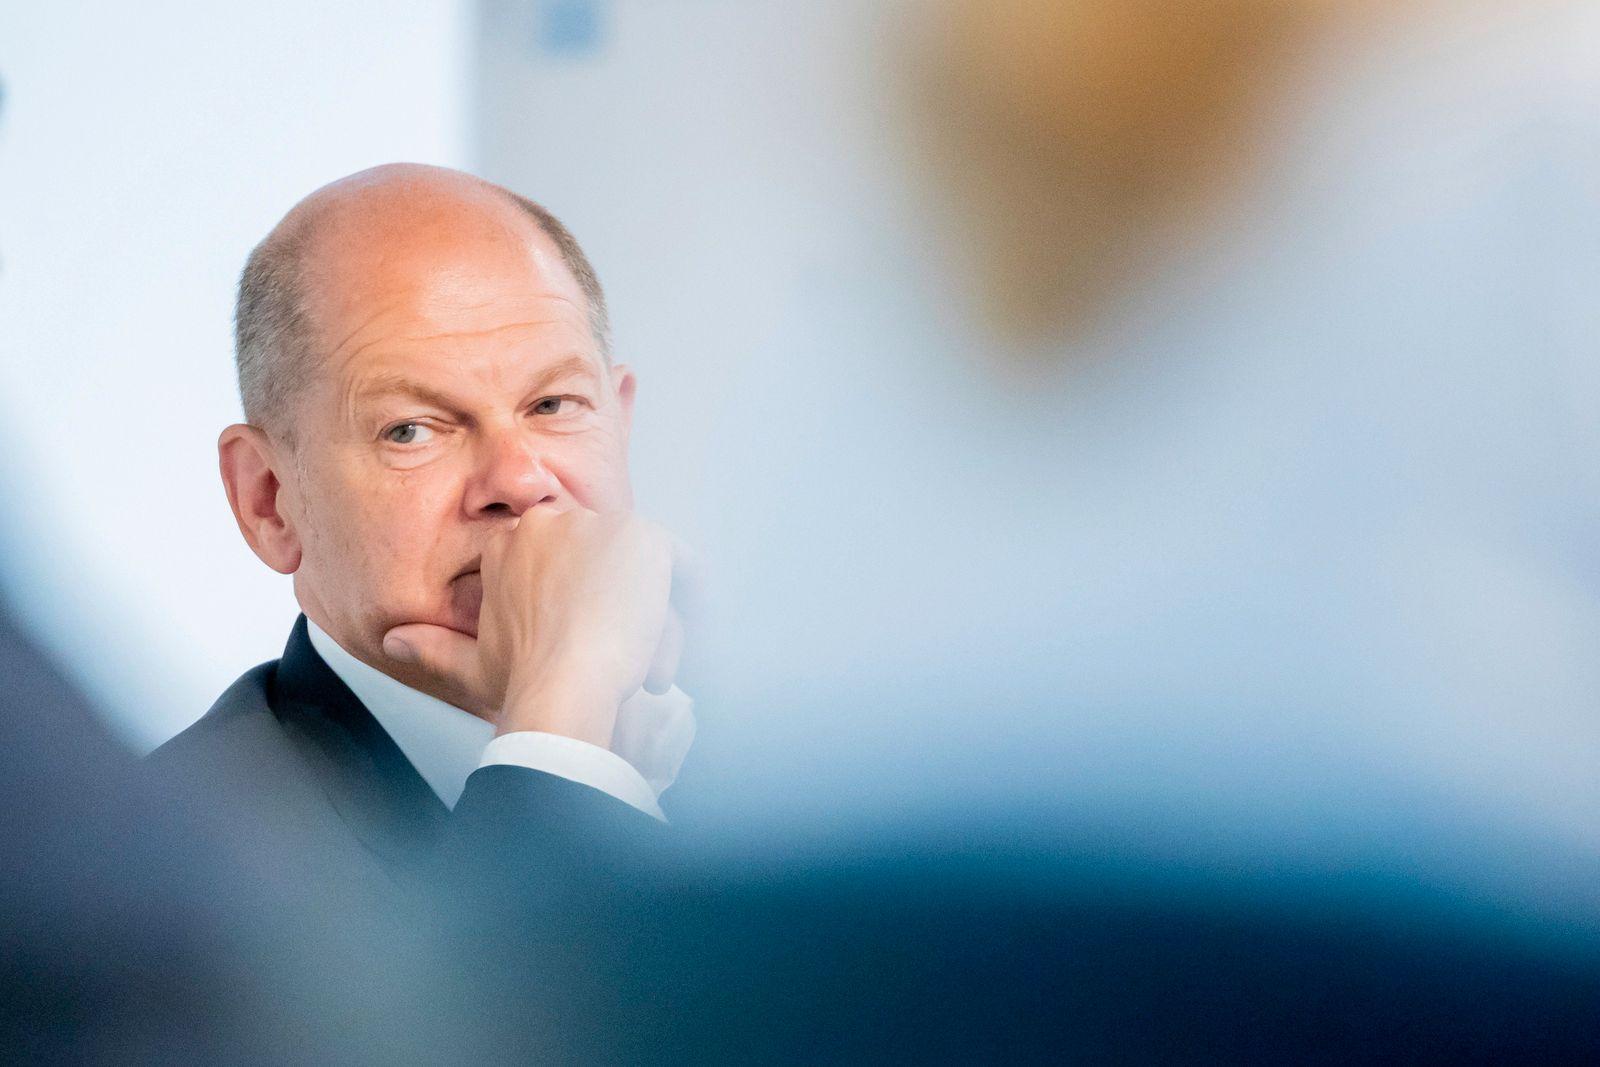 Podiumsdiskussion mit Brandenburger Spitzenkandidaten in Potsdam